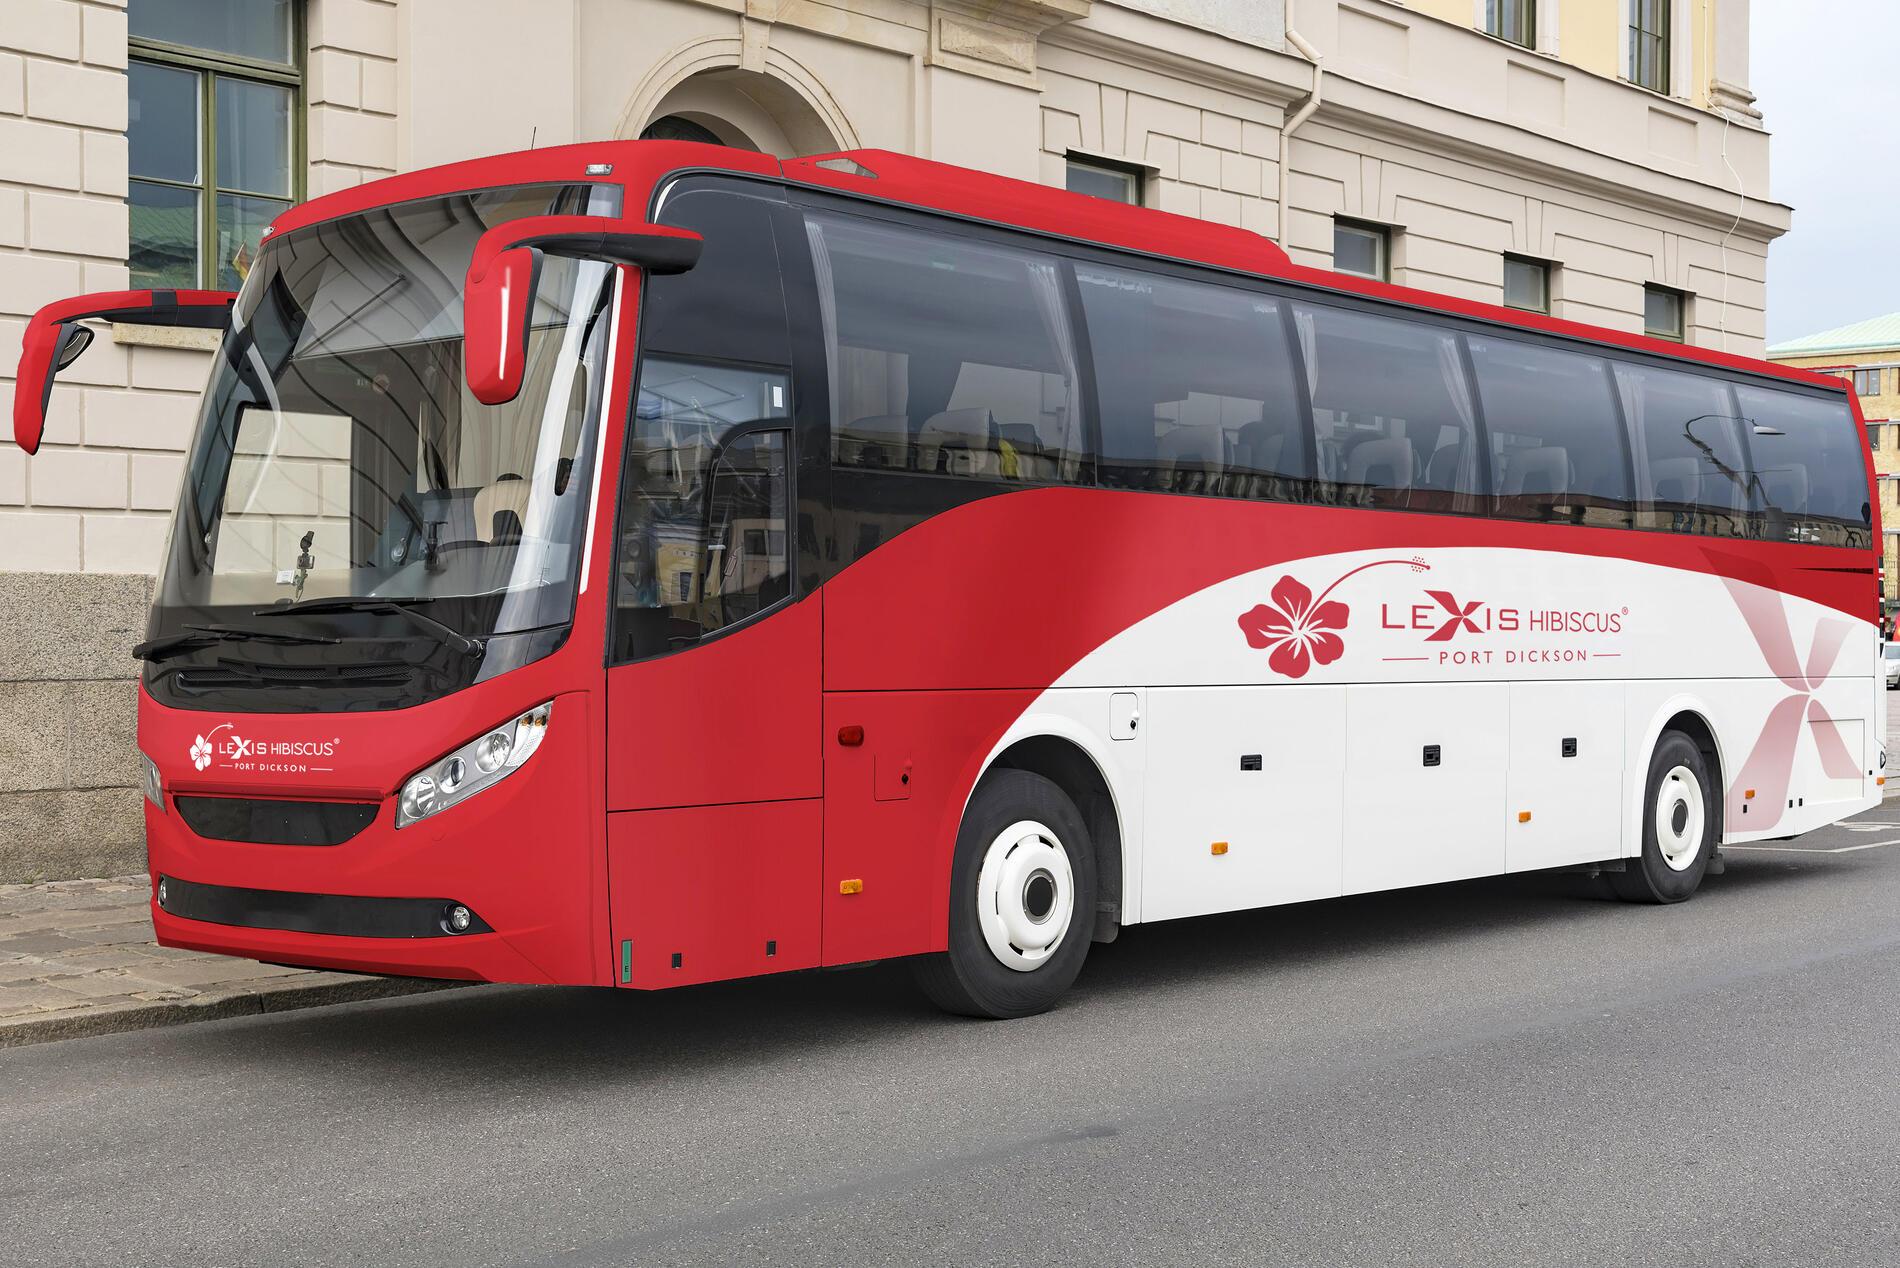 Shuttle Bus   Lexis Hibiscus Port Dickson